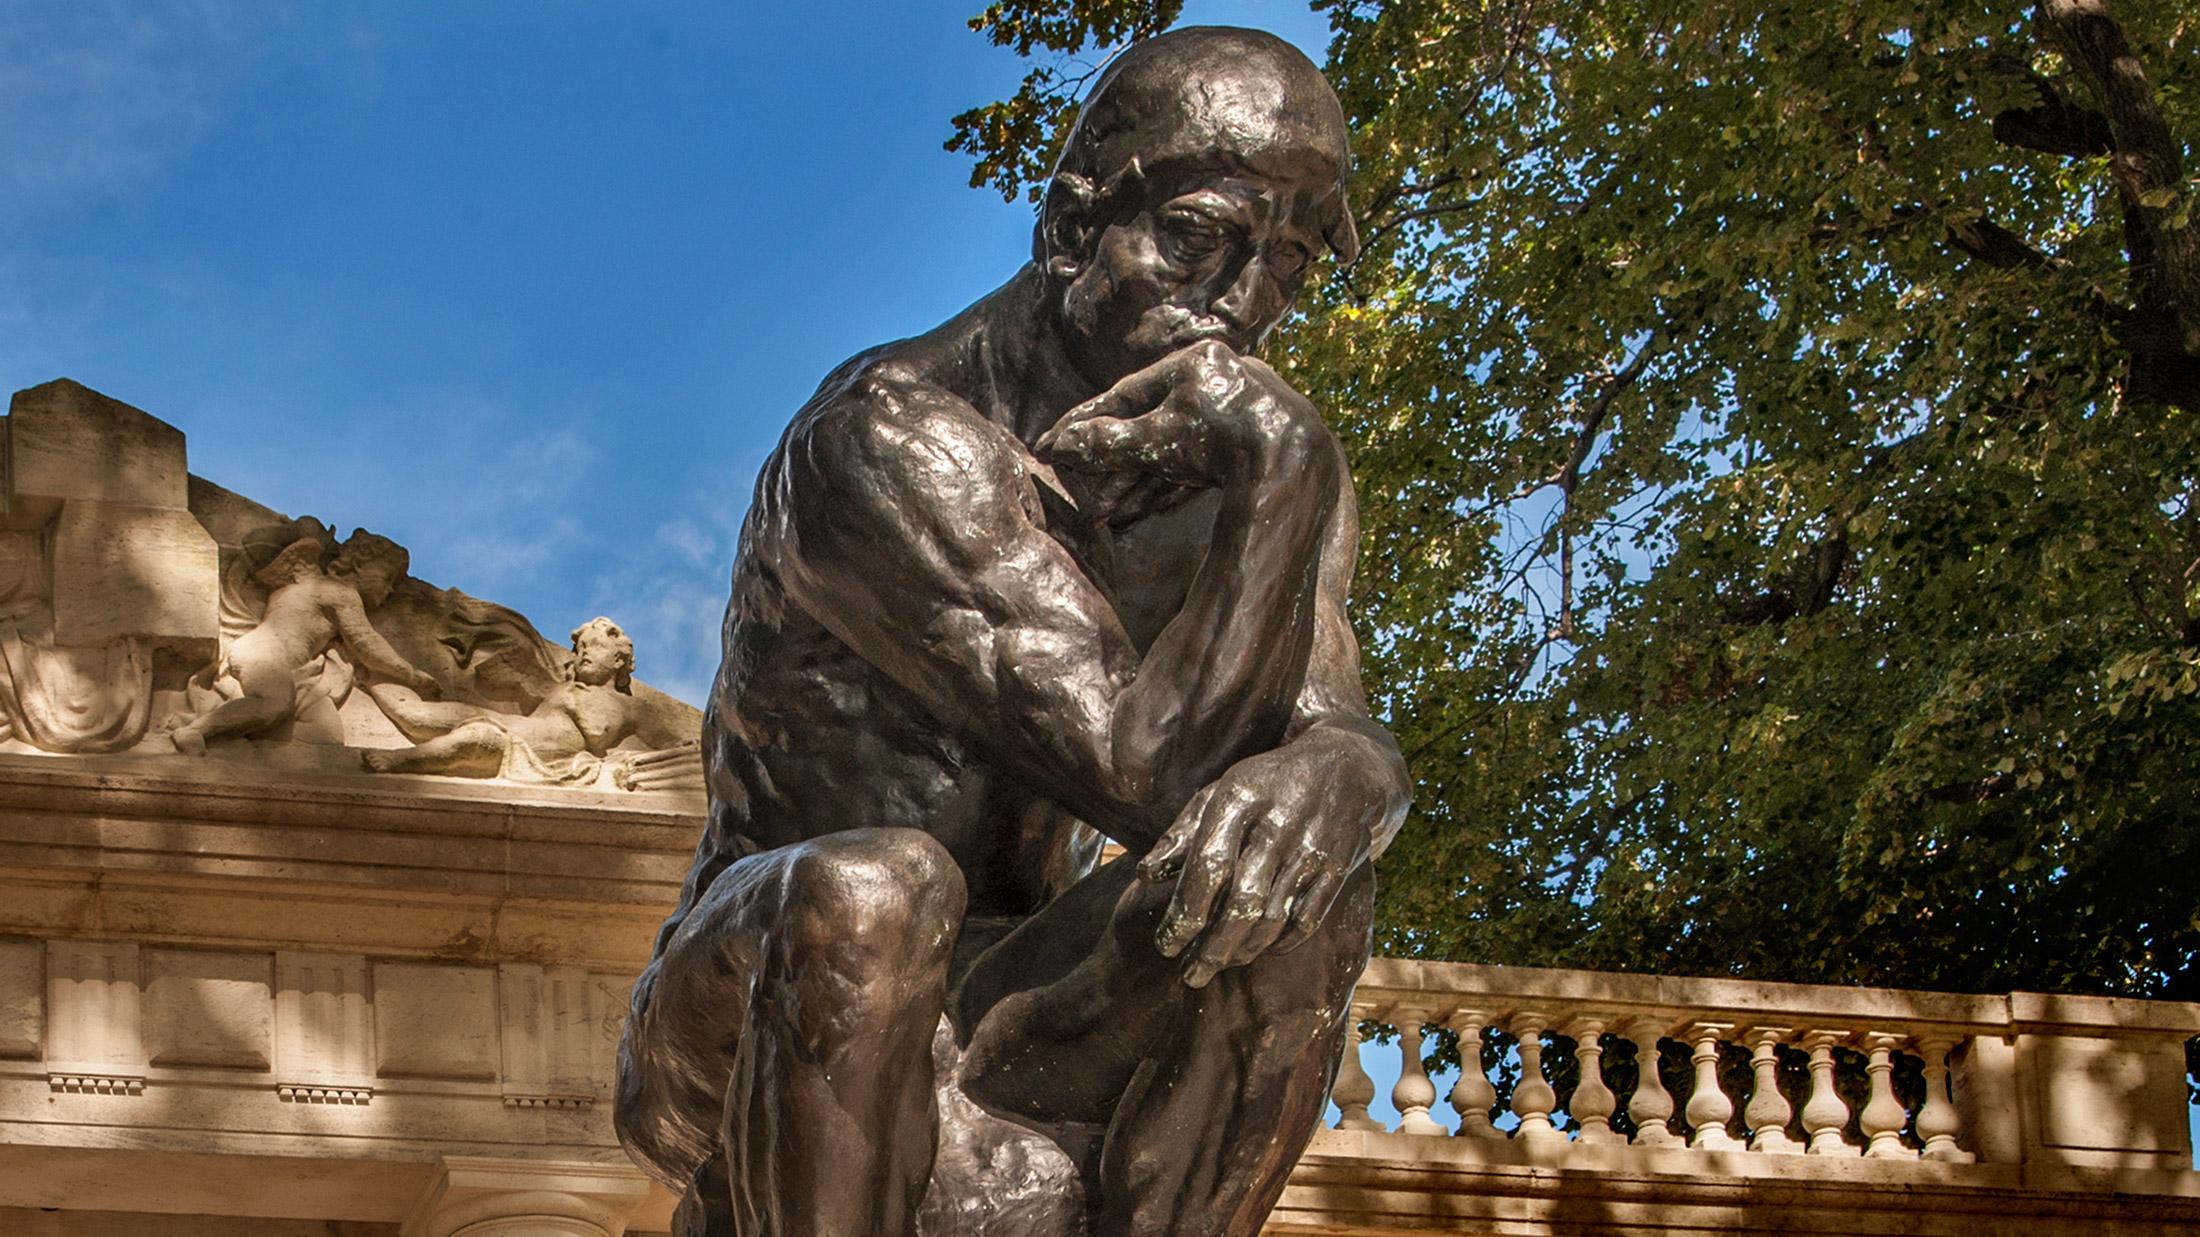 The Thinker — Visit Philadelphia